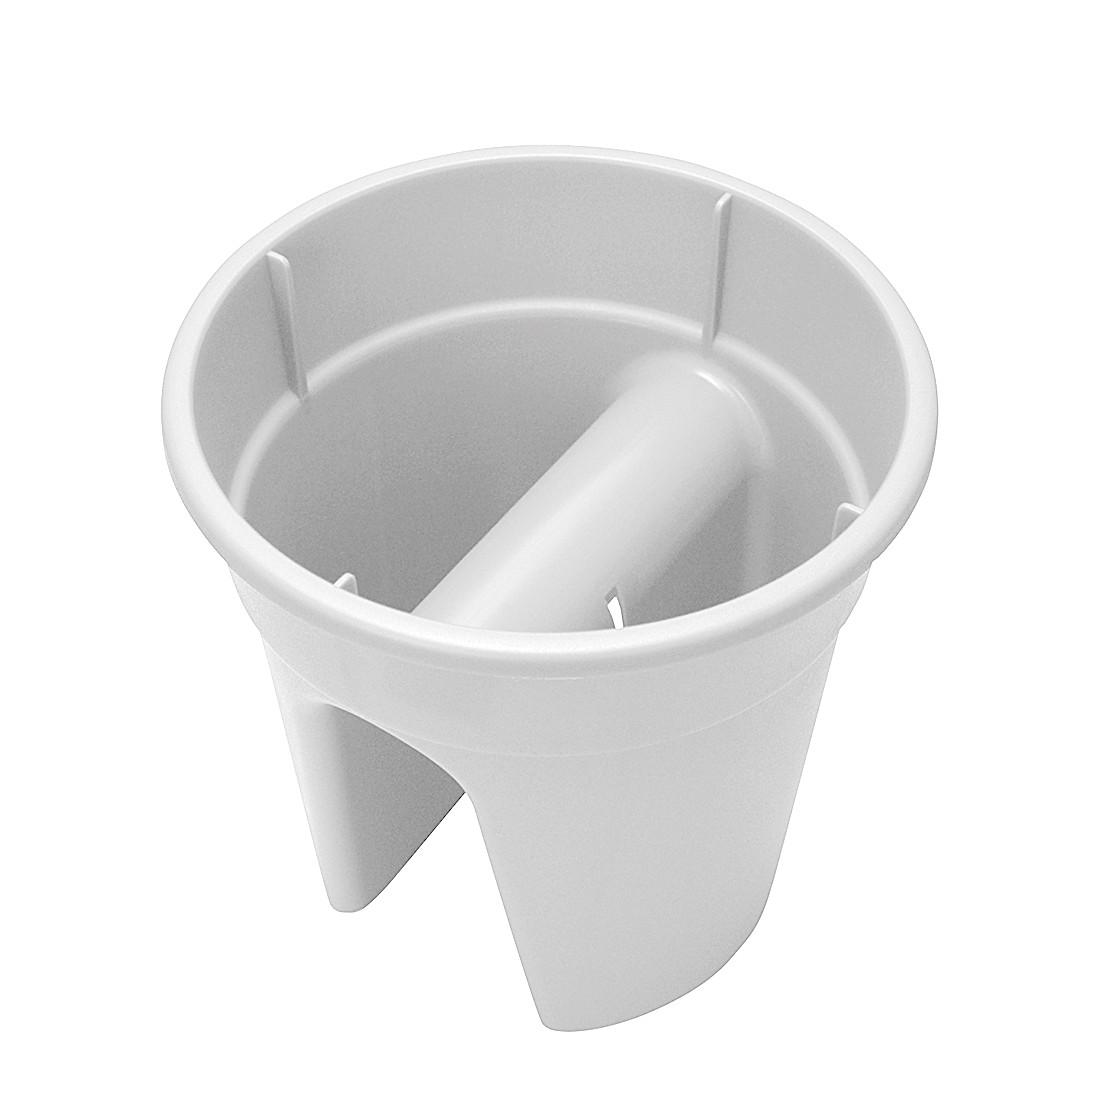 Blumentopf Flowerclip (3er-Set) – Kunststoff Weiß, Khw günstig kaufen